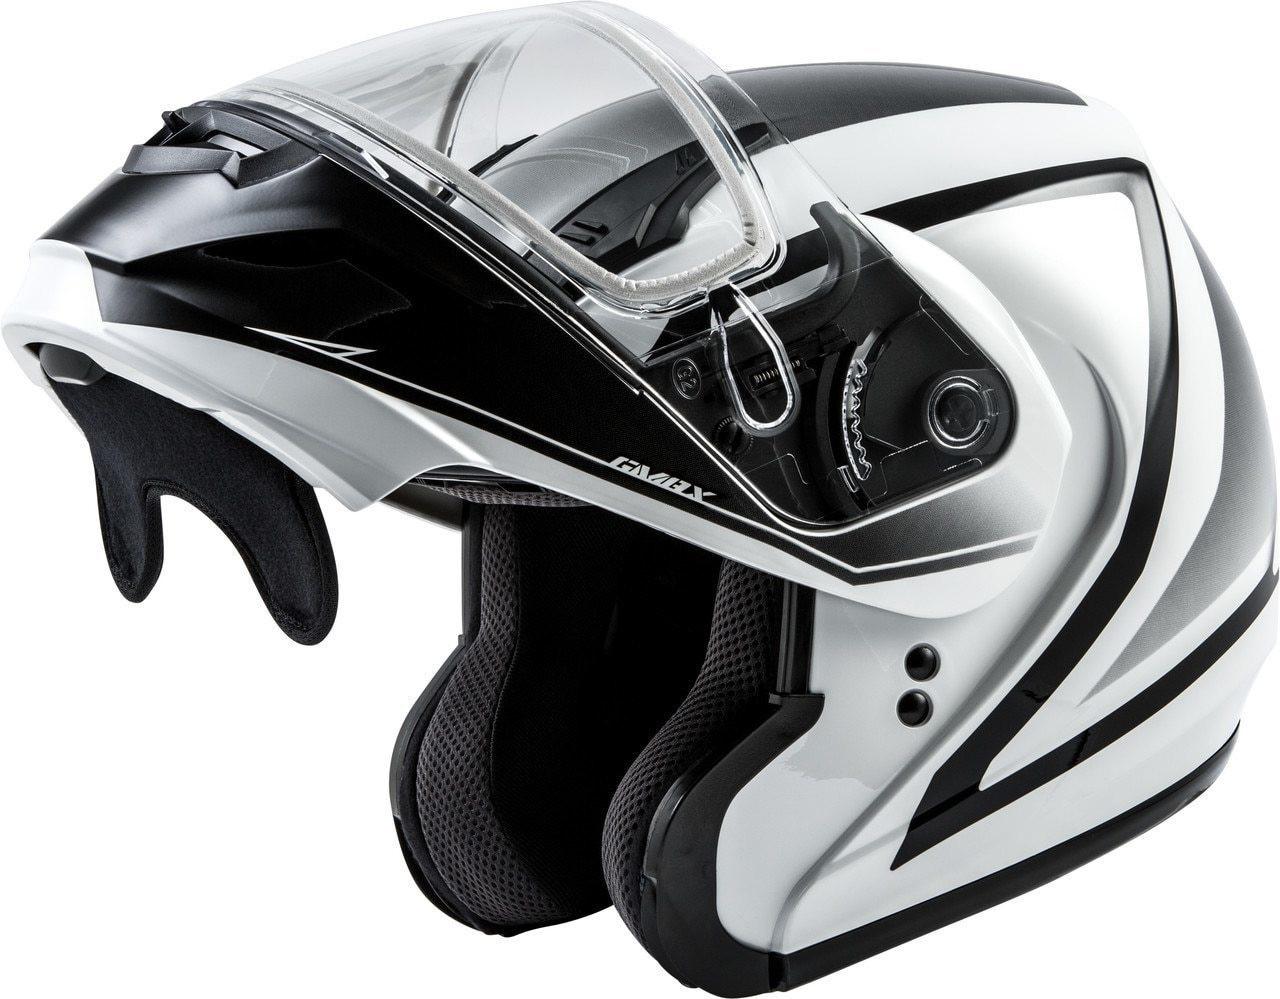 GMAX MD-04S Docket Snow Helmet White/Black